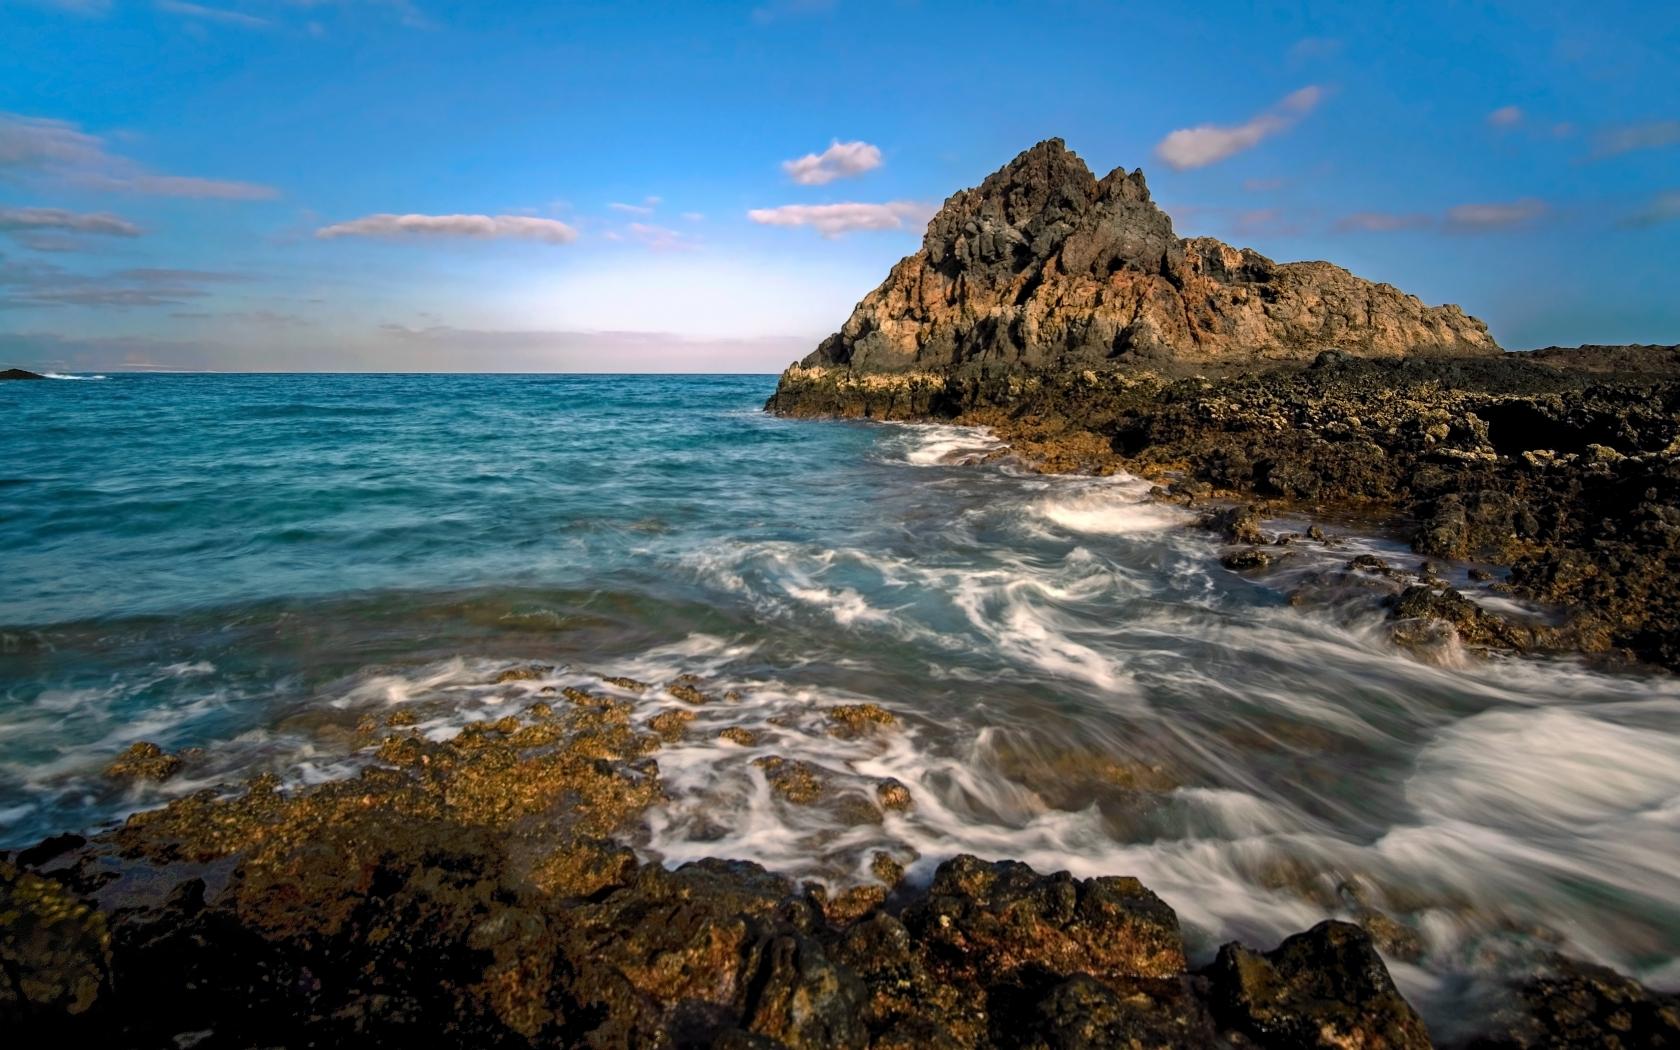 Isla de Lobos en España - 1680x1050